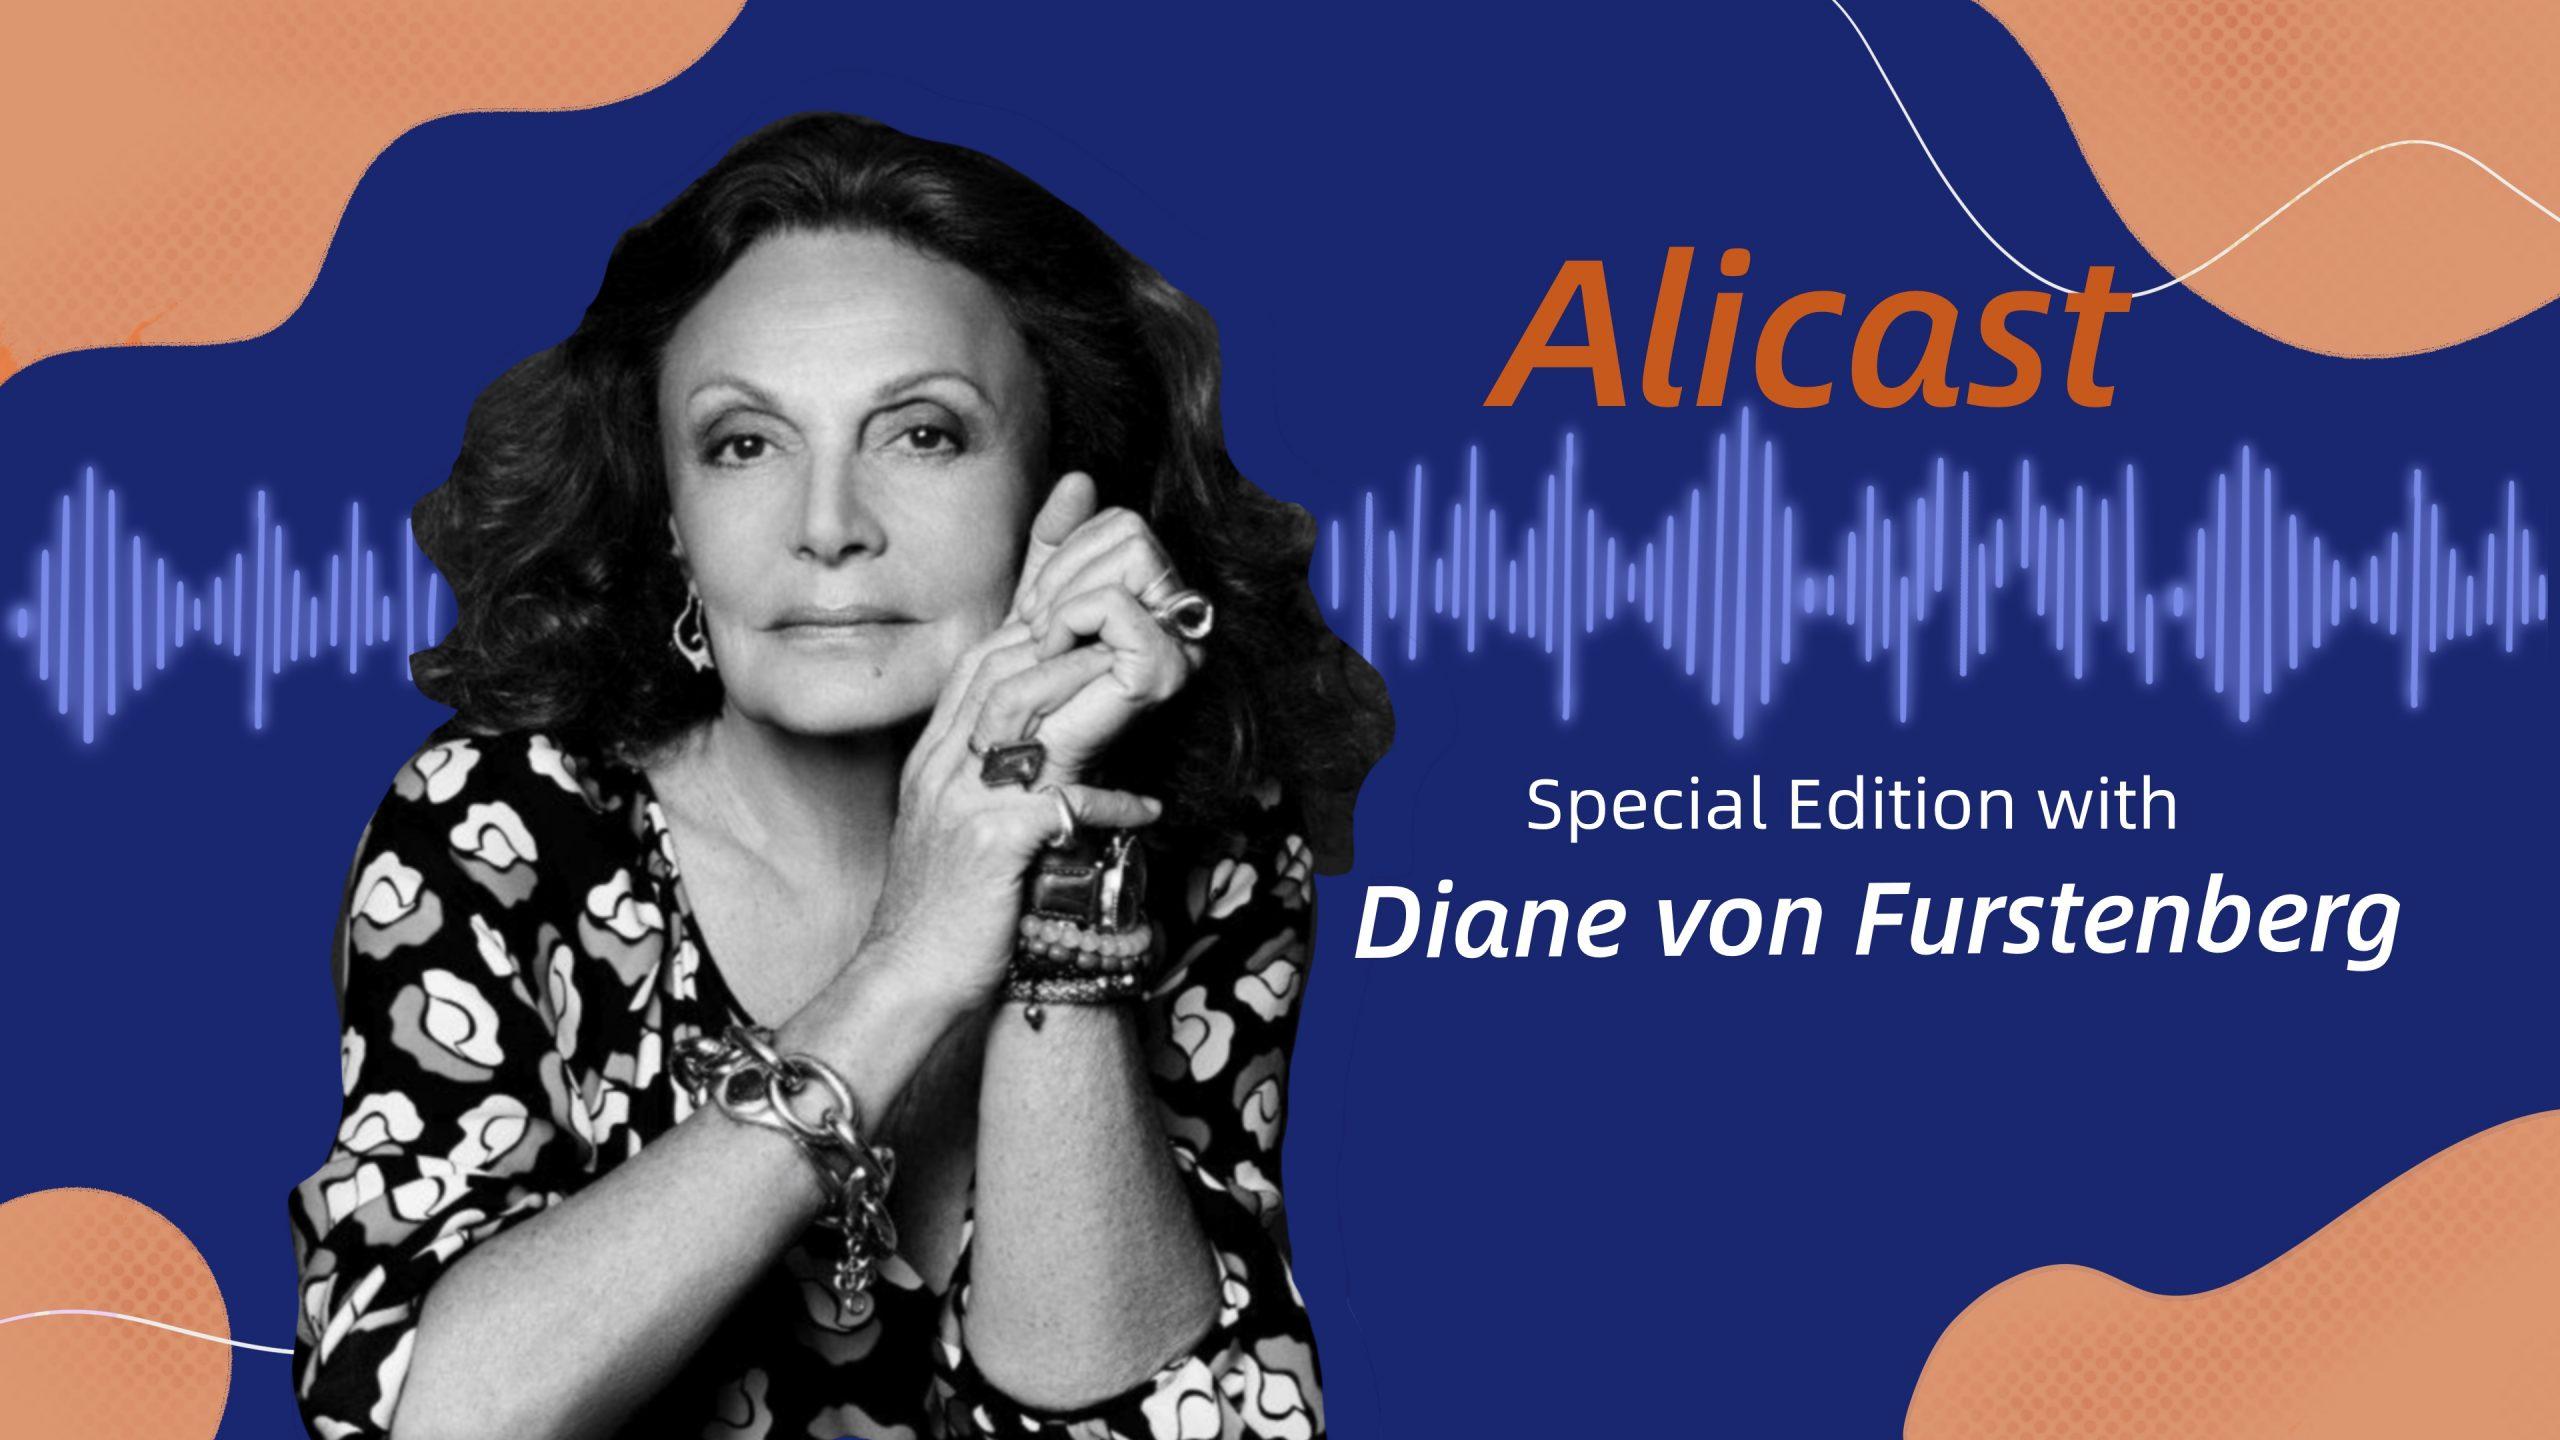 Diana von Furstenberg Alicast